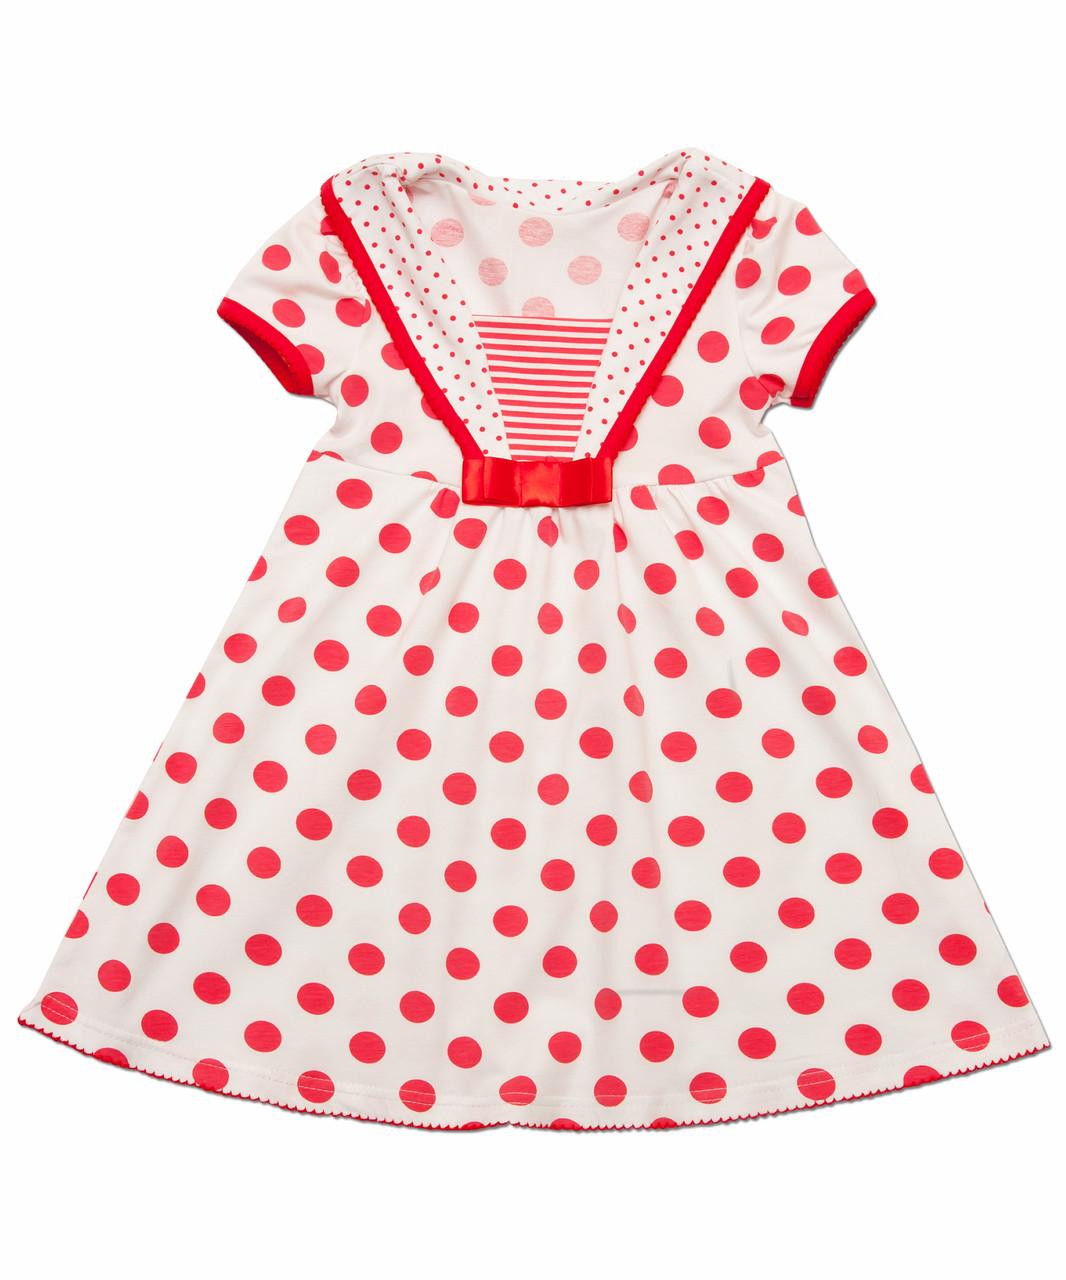 Платье для девочки Морячка Соня, фото 1